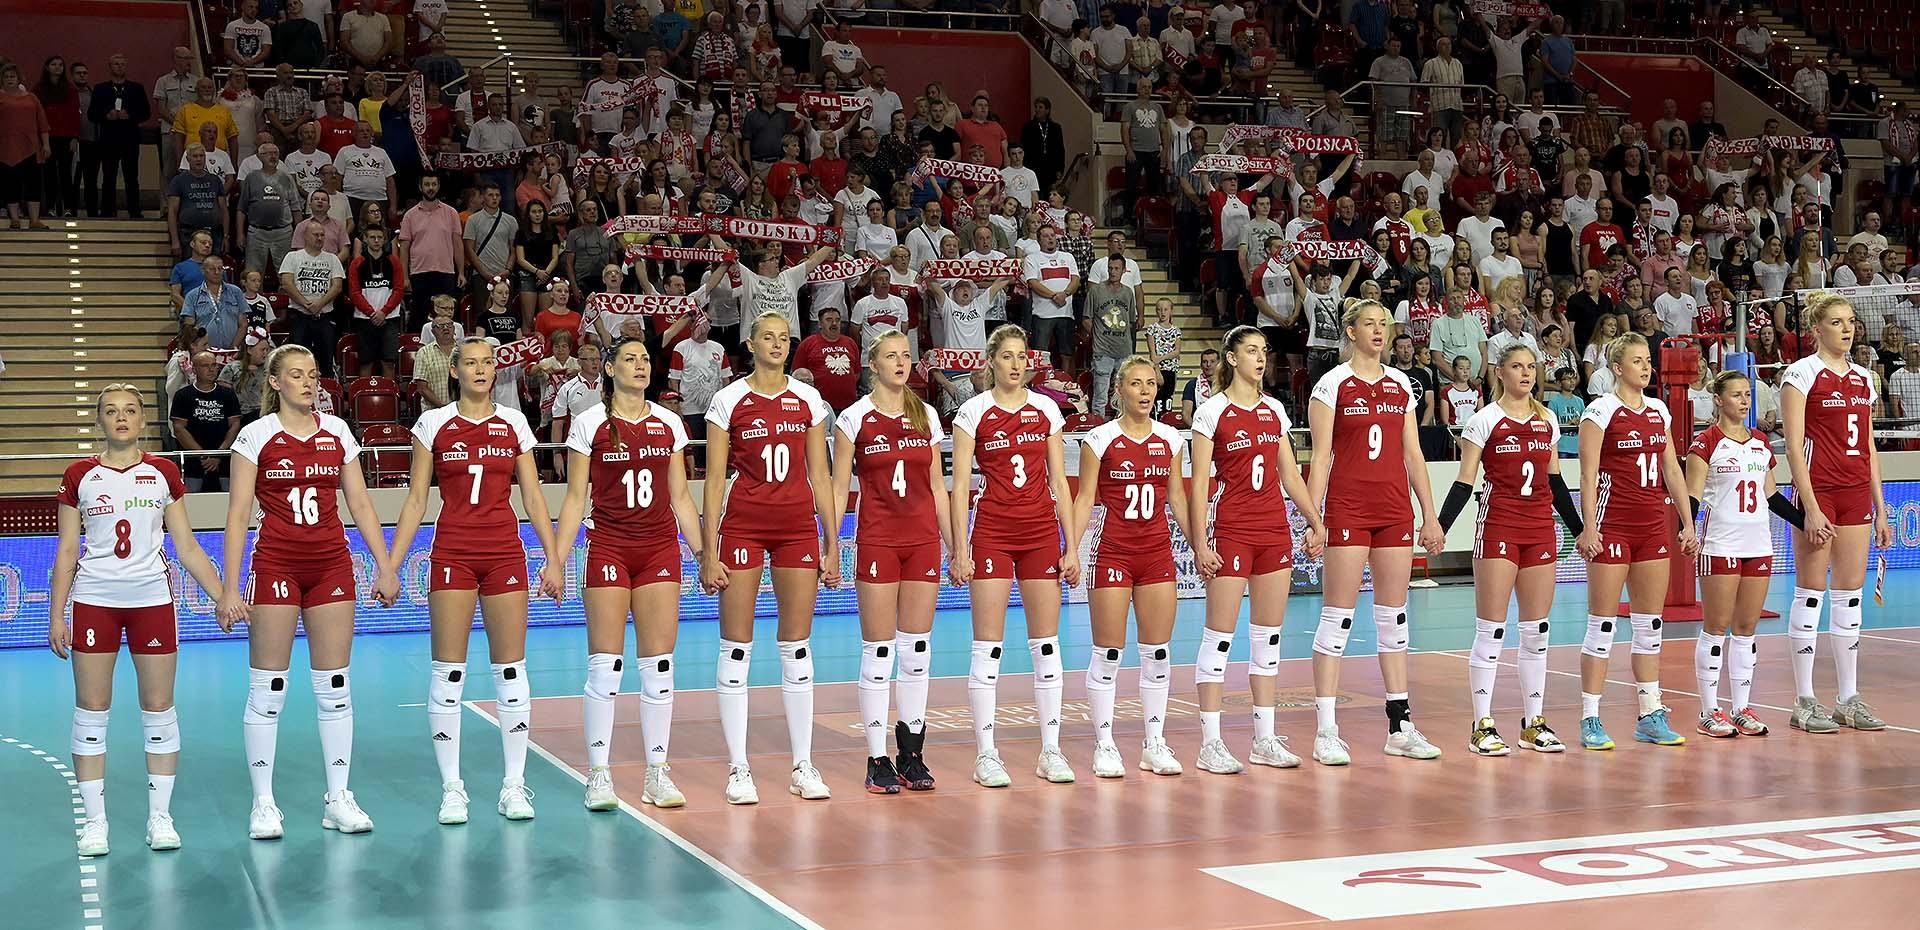 Spotkania towarzyskie polska 2019